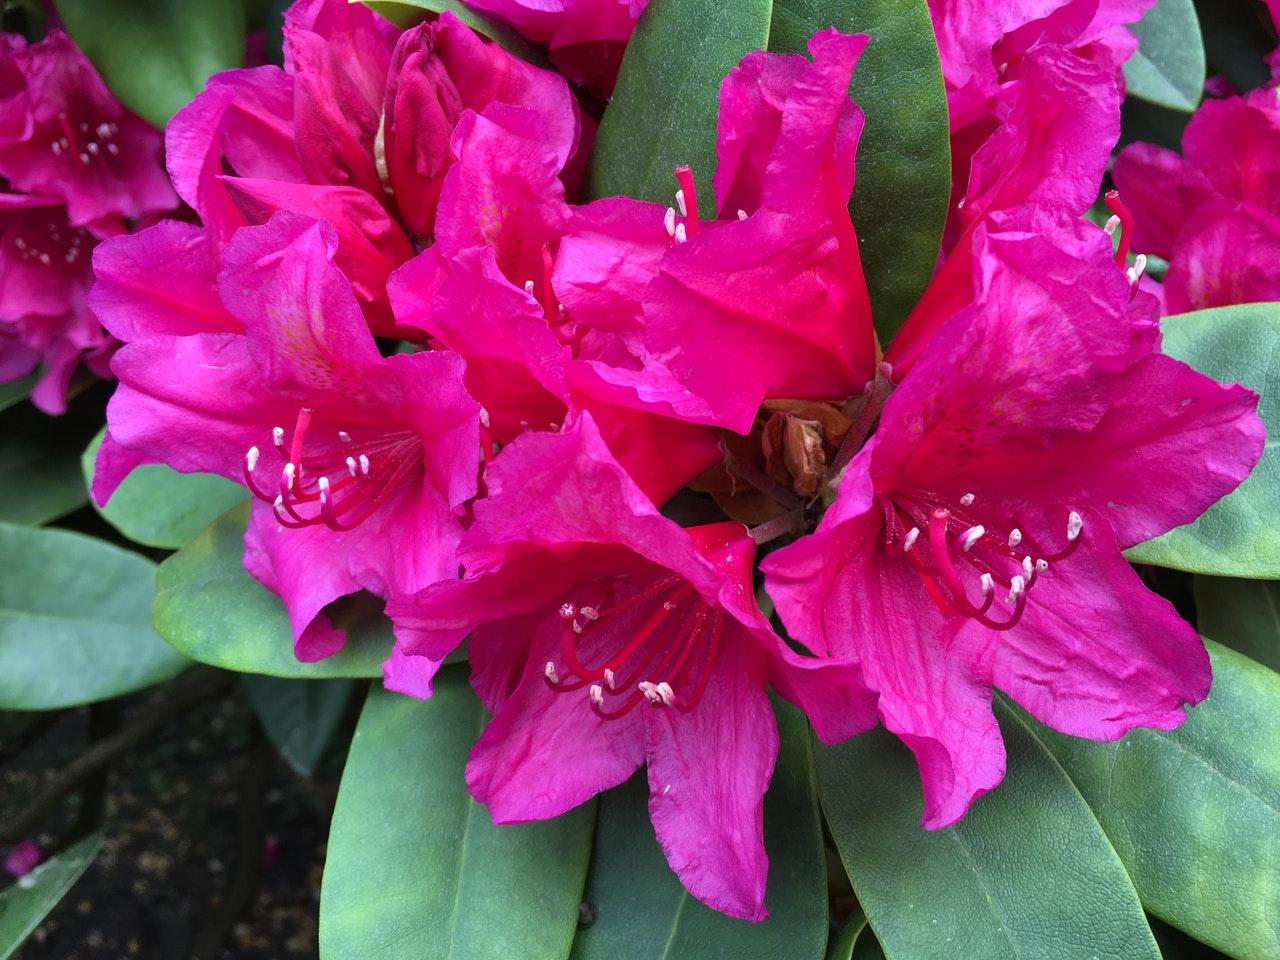 Las flores del Rhododendron son medianas